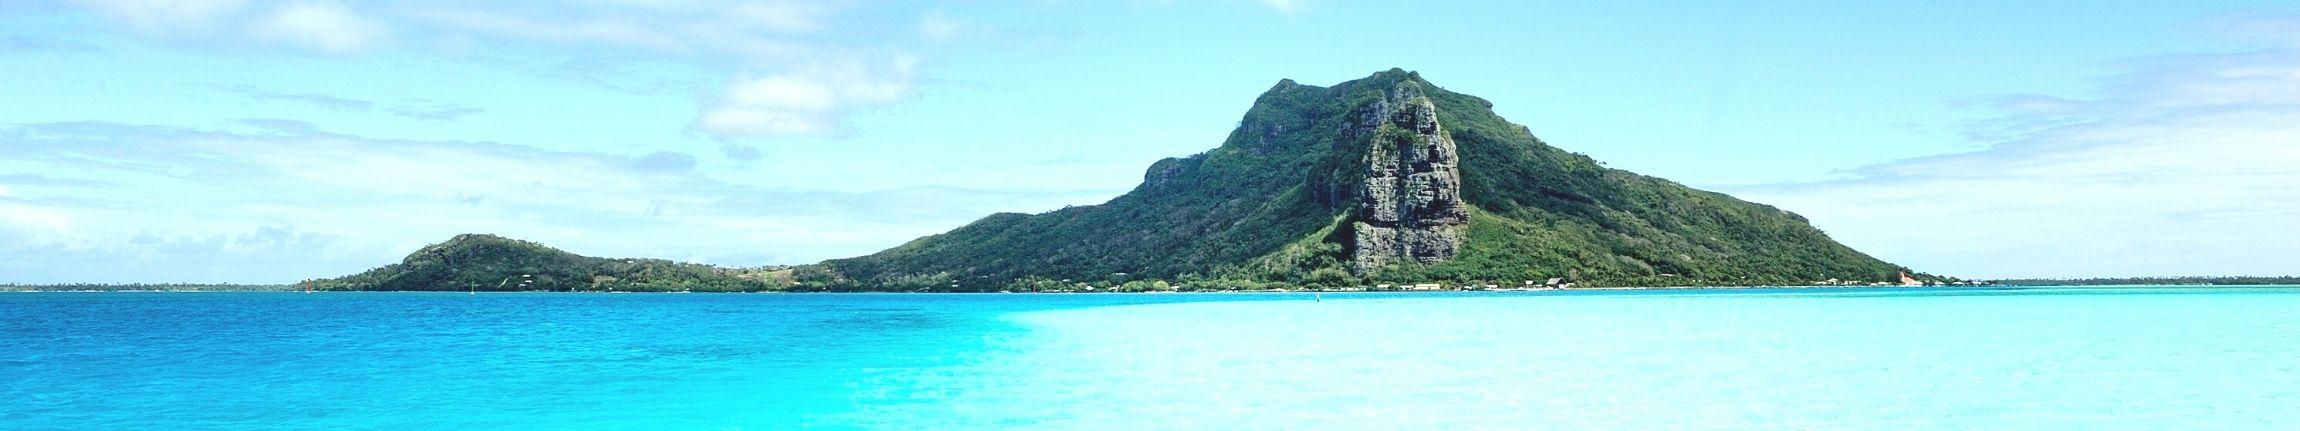 séjours-îles-de-la-societe-maupiti-bandeau-e-tahiti-travel